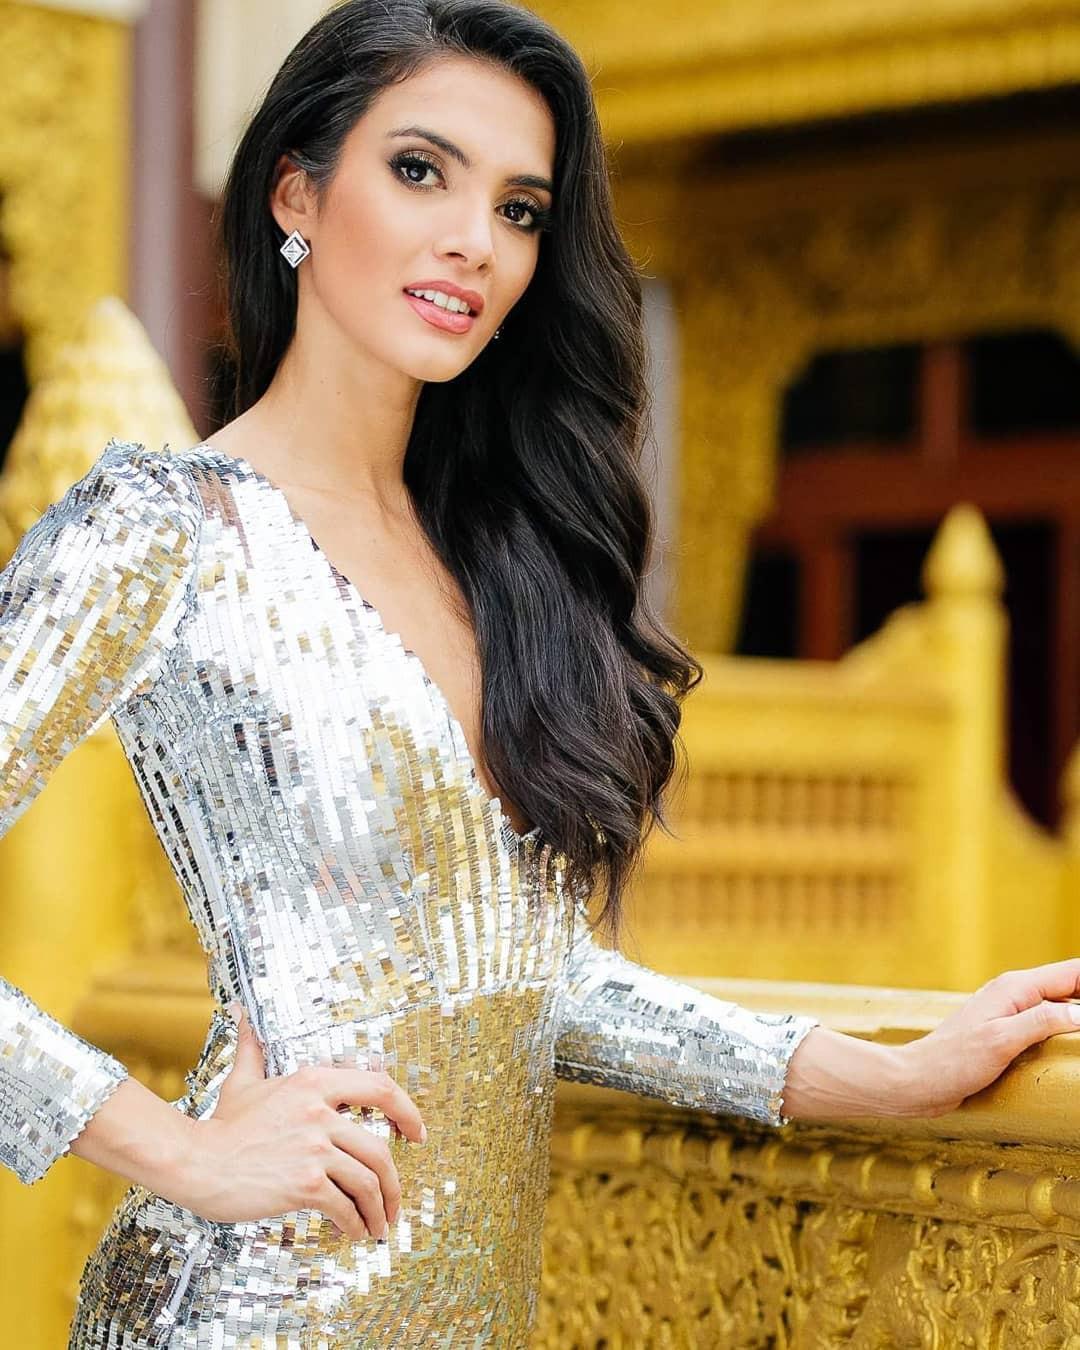 Tân Hoa hậu ngất xỉu: Đẹp như nữ thần Hy Lạp, nhưng bất ngờ hơn là body và profile không vừa của cô-8